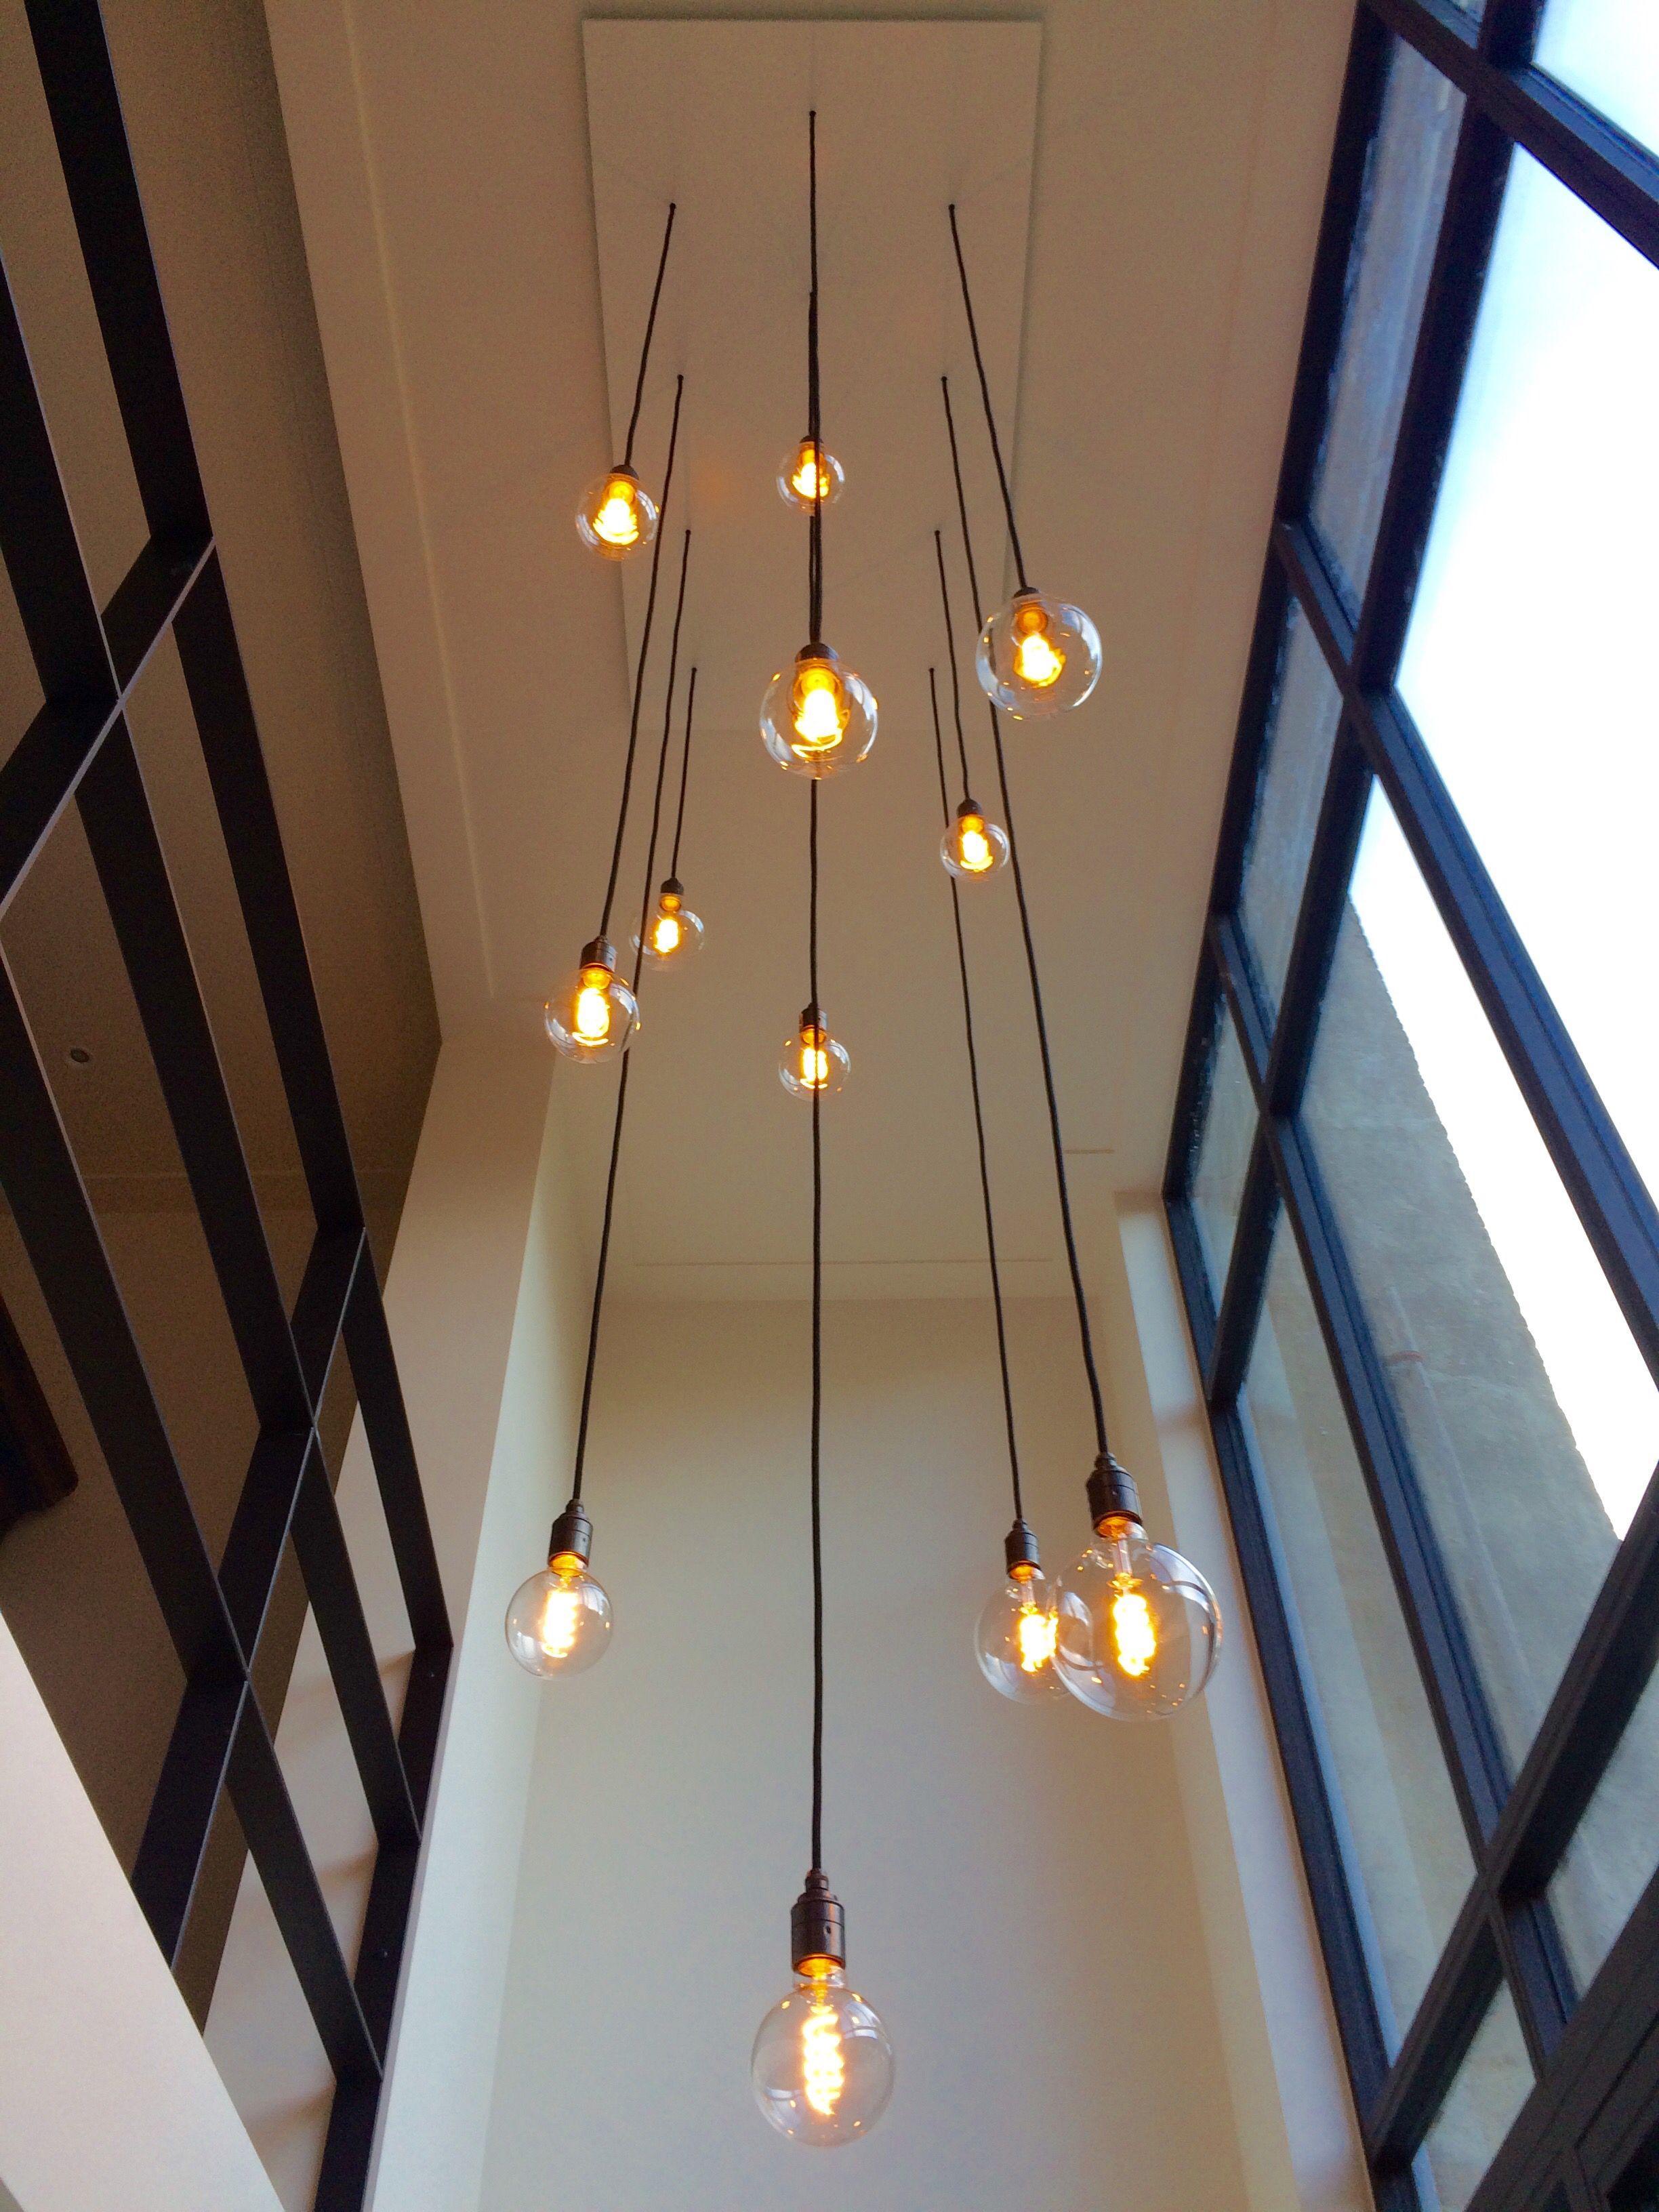 Maatwerk Lampen Bij Lichtbeurs ontwerpen wij lampen op maat voor